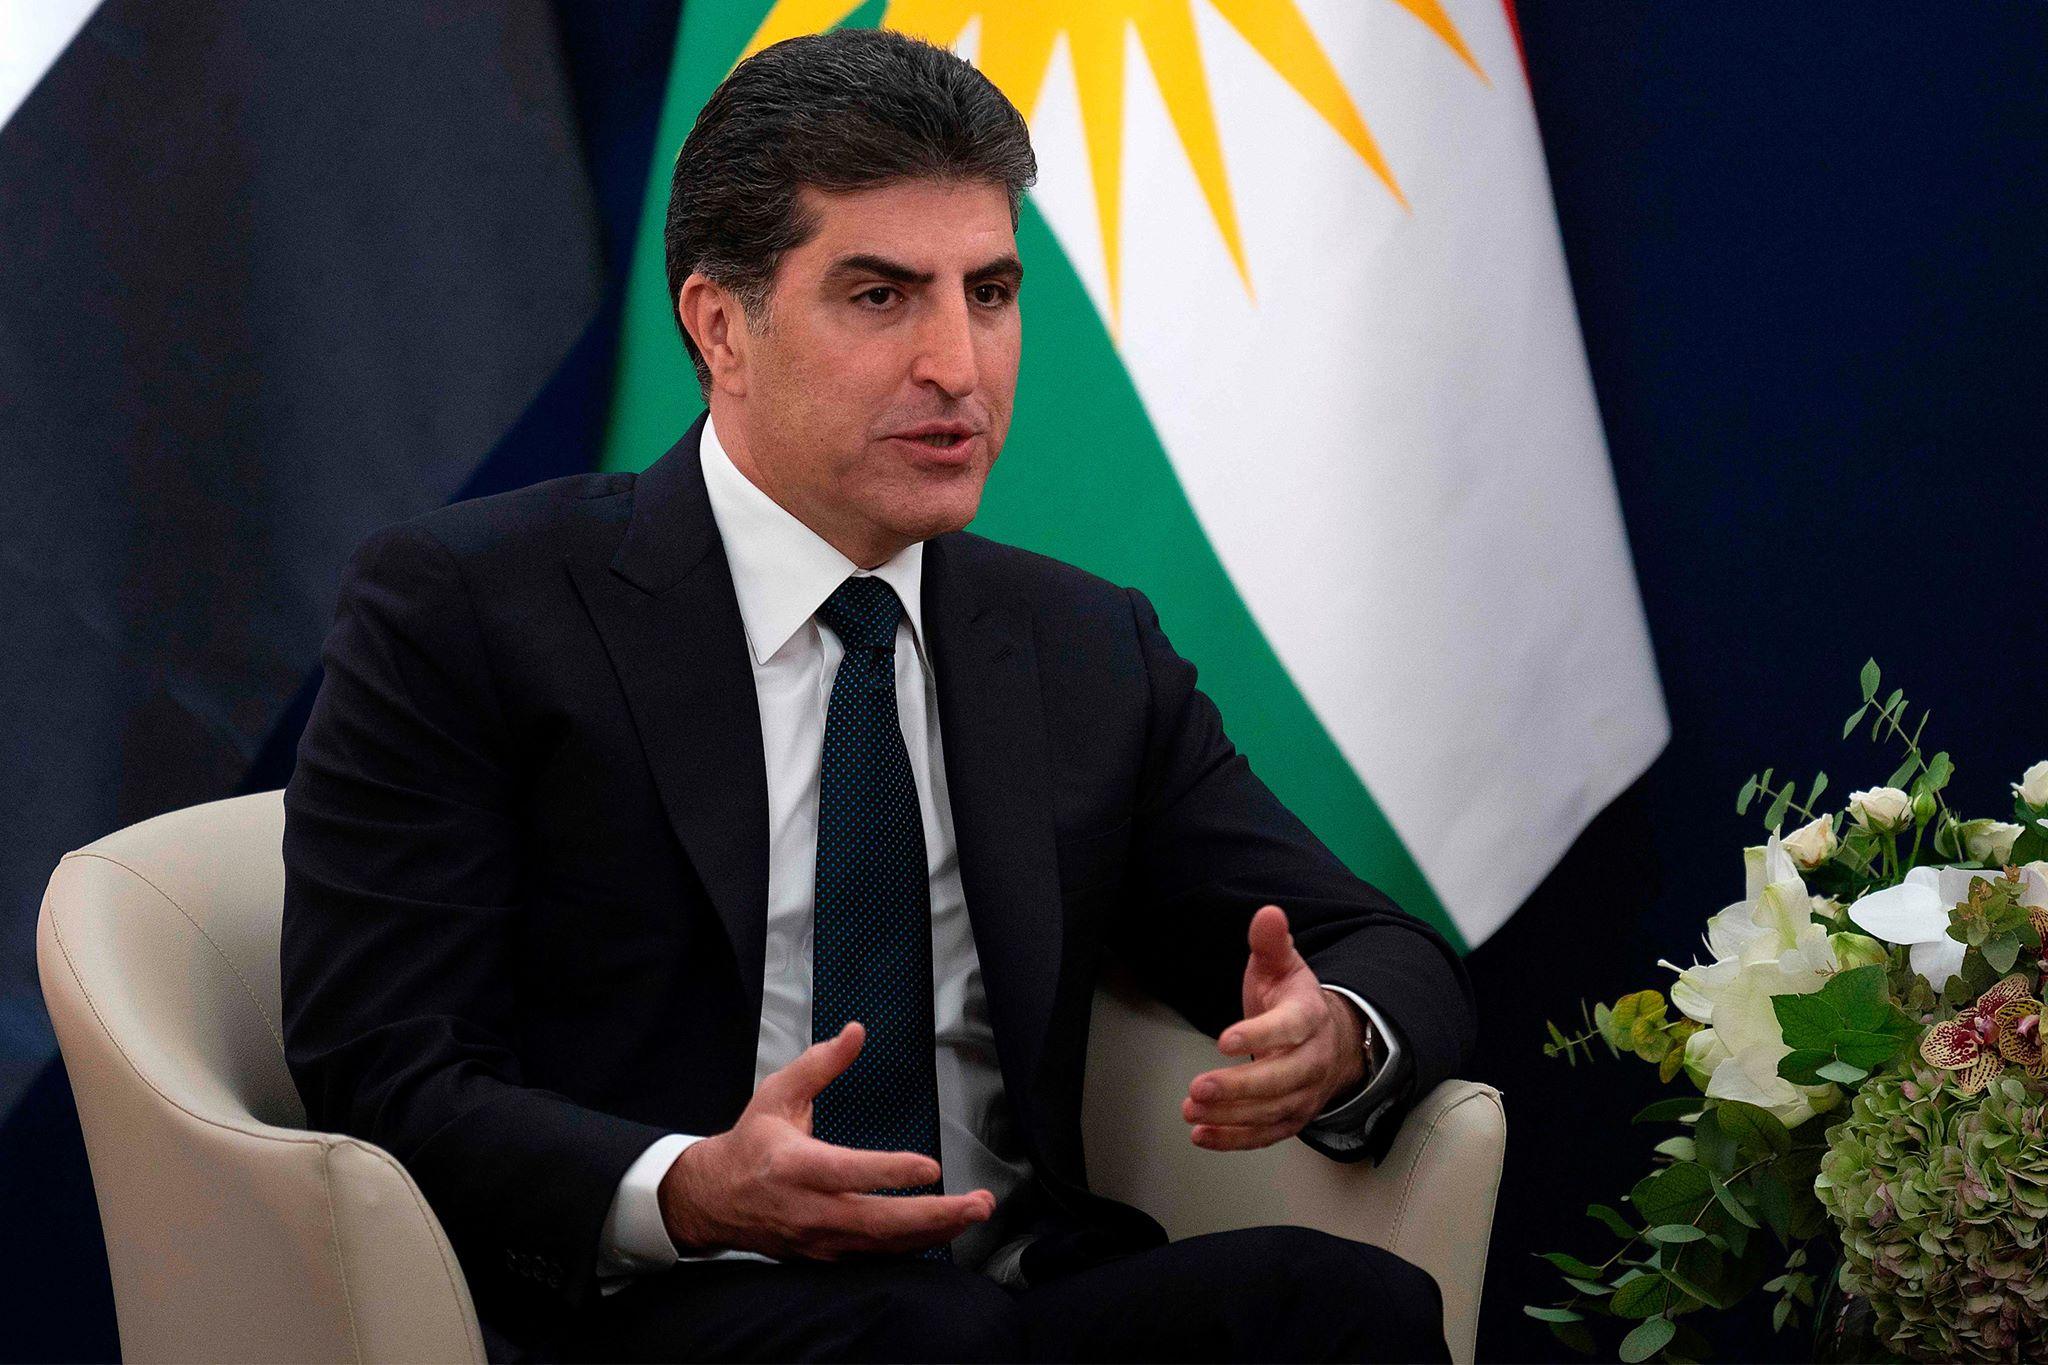 سهرۆكی ههرێمی كوردستان داوای قهرهبو له حكومهتی عیراق دهكات